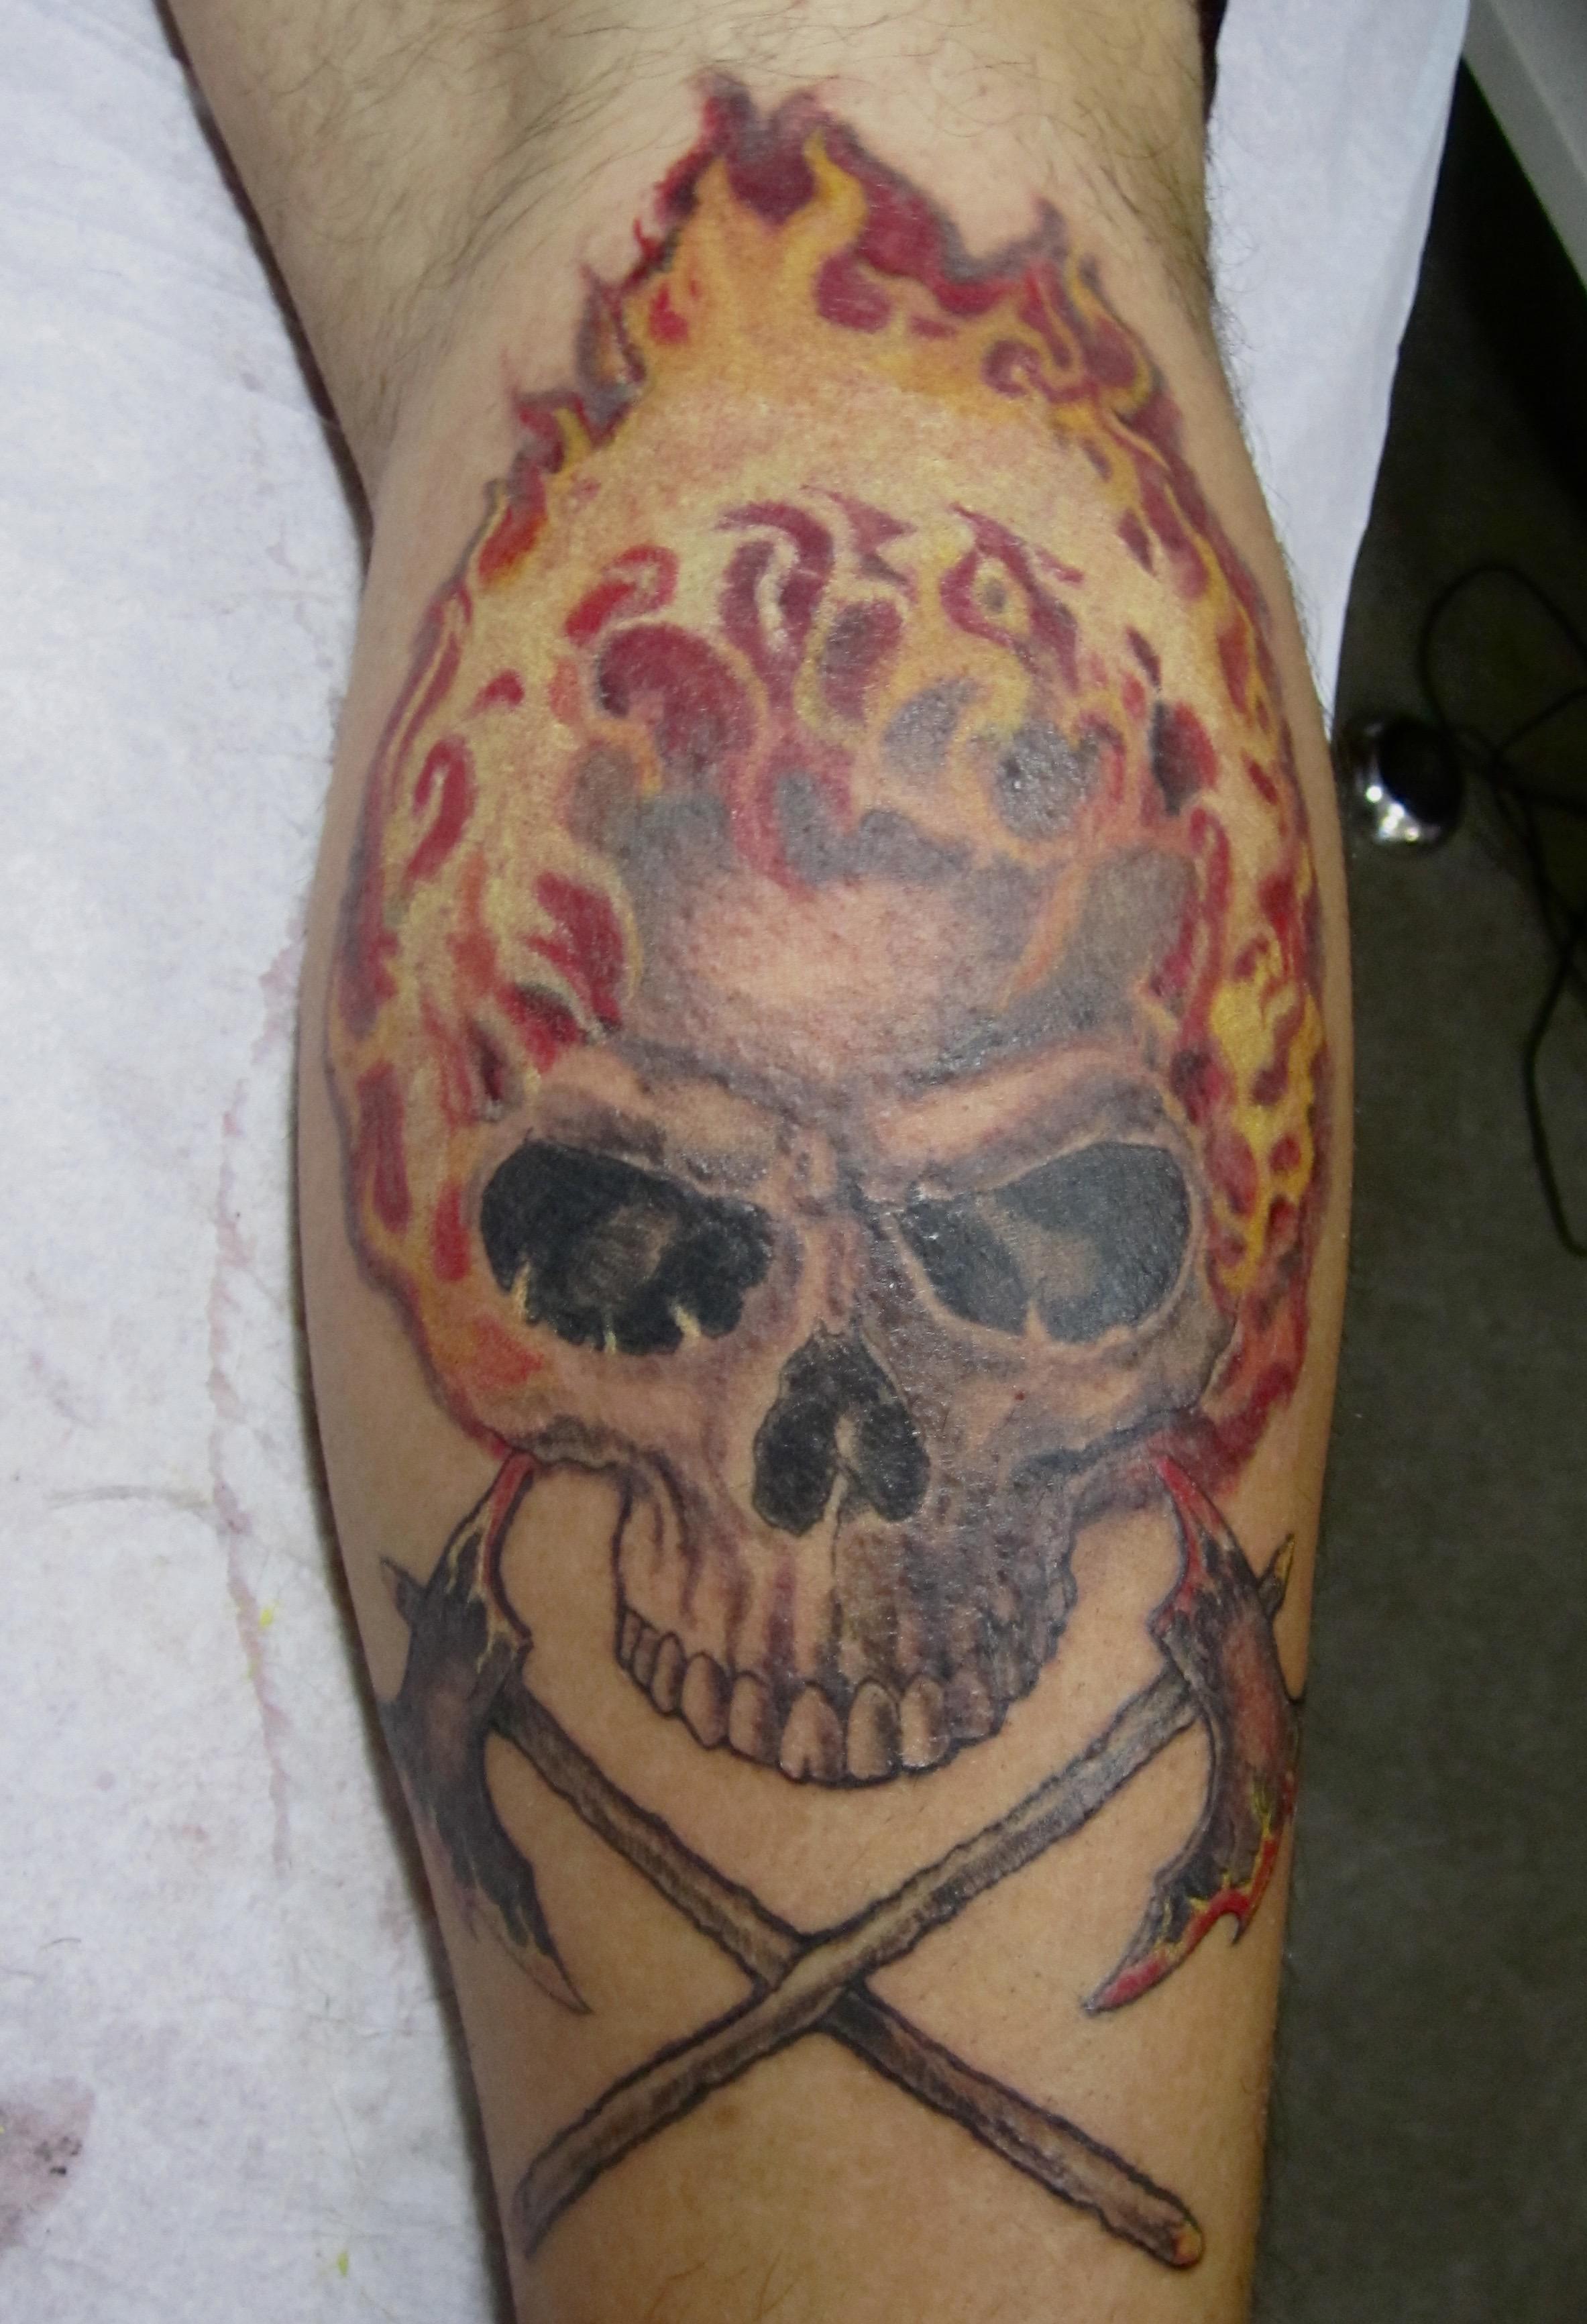 Fire Skull tattoo, Karina Mayorga